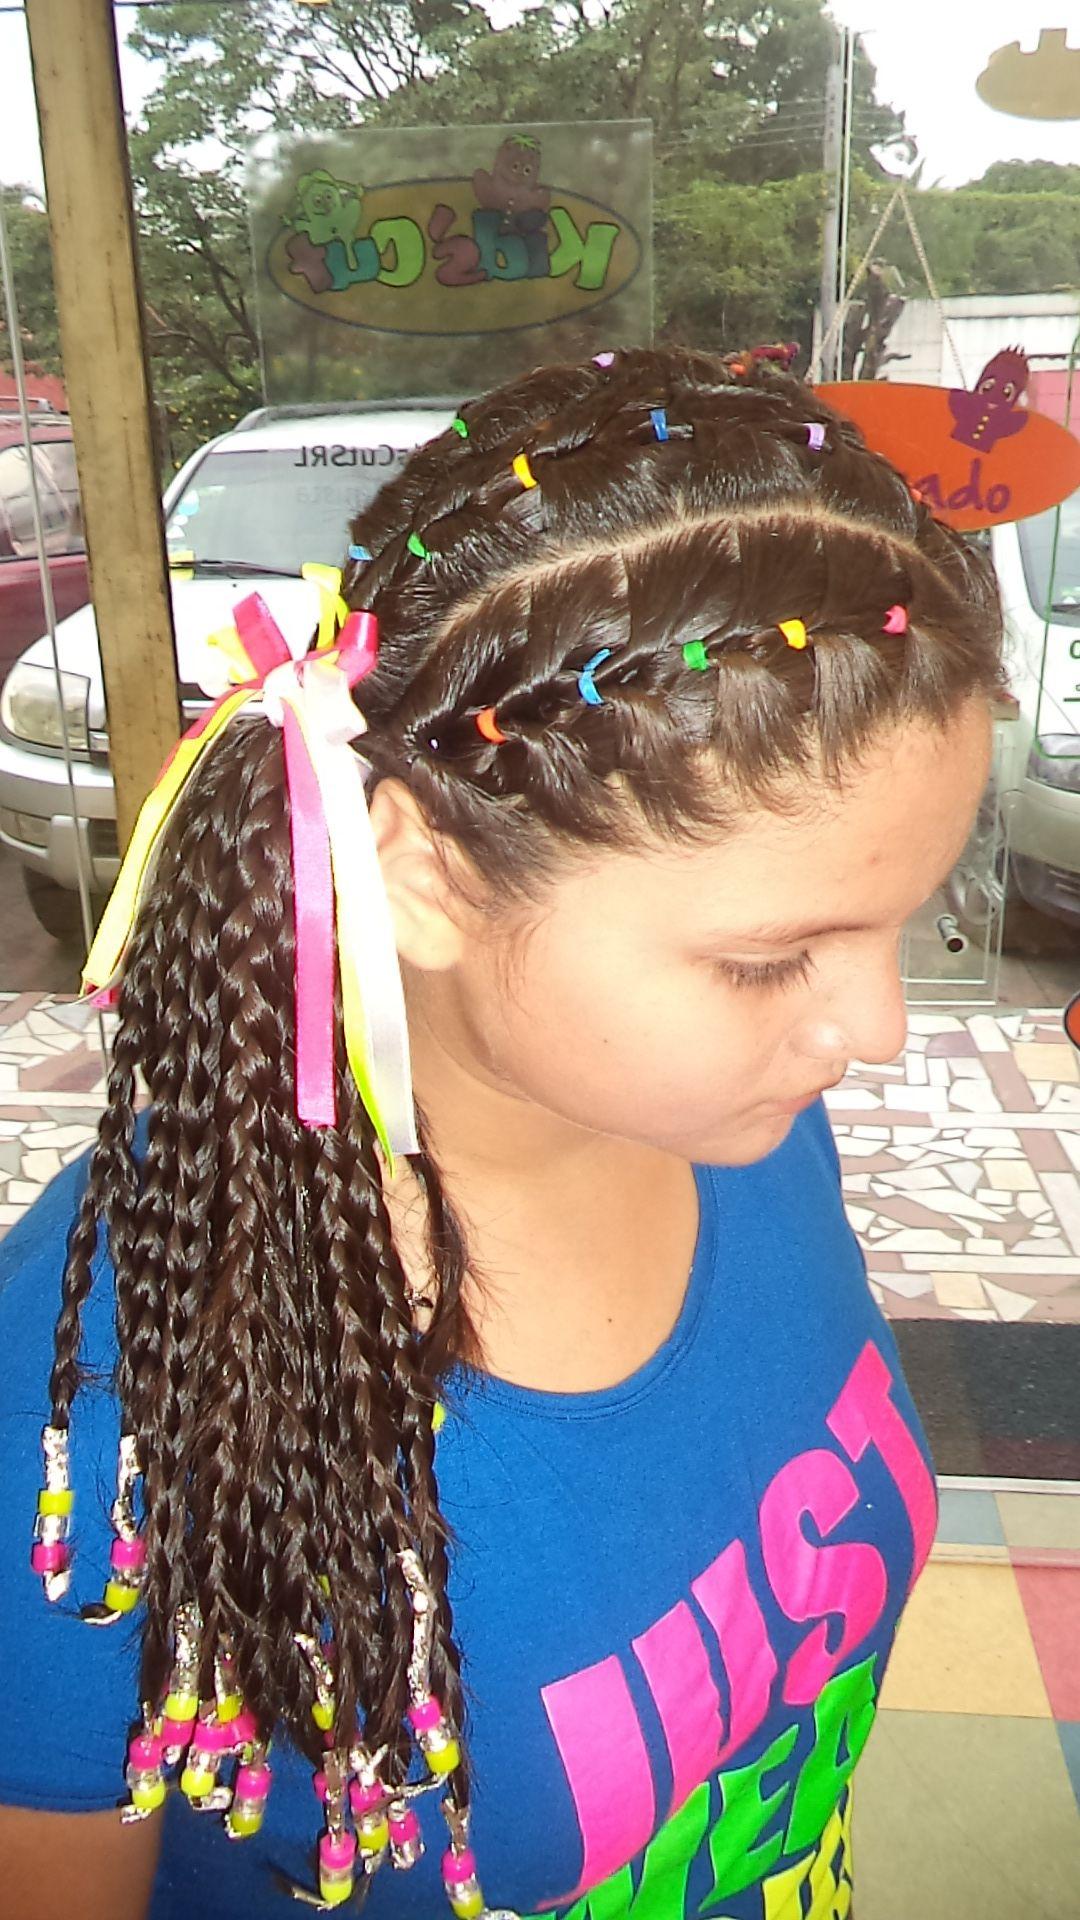 Varios peinados peinados para carnaval Fotos de los cortes de pelo de las tendencias - Pin en Trenzas y Peinados Carnavaleros